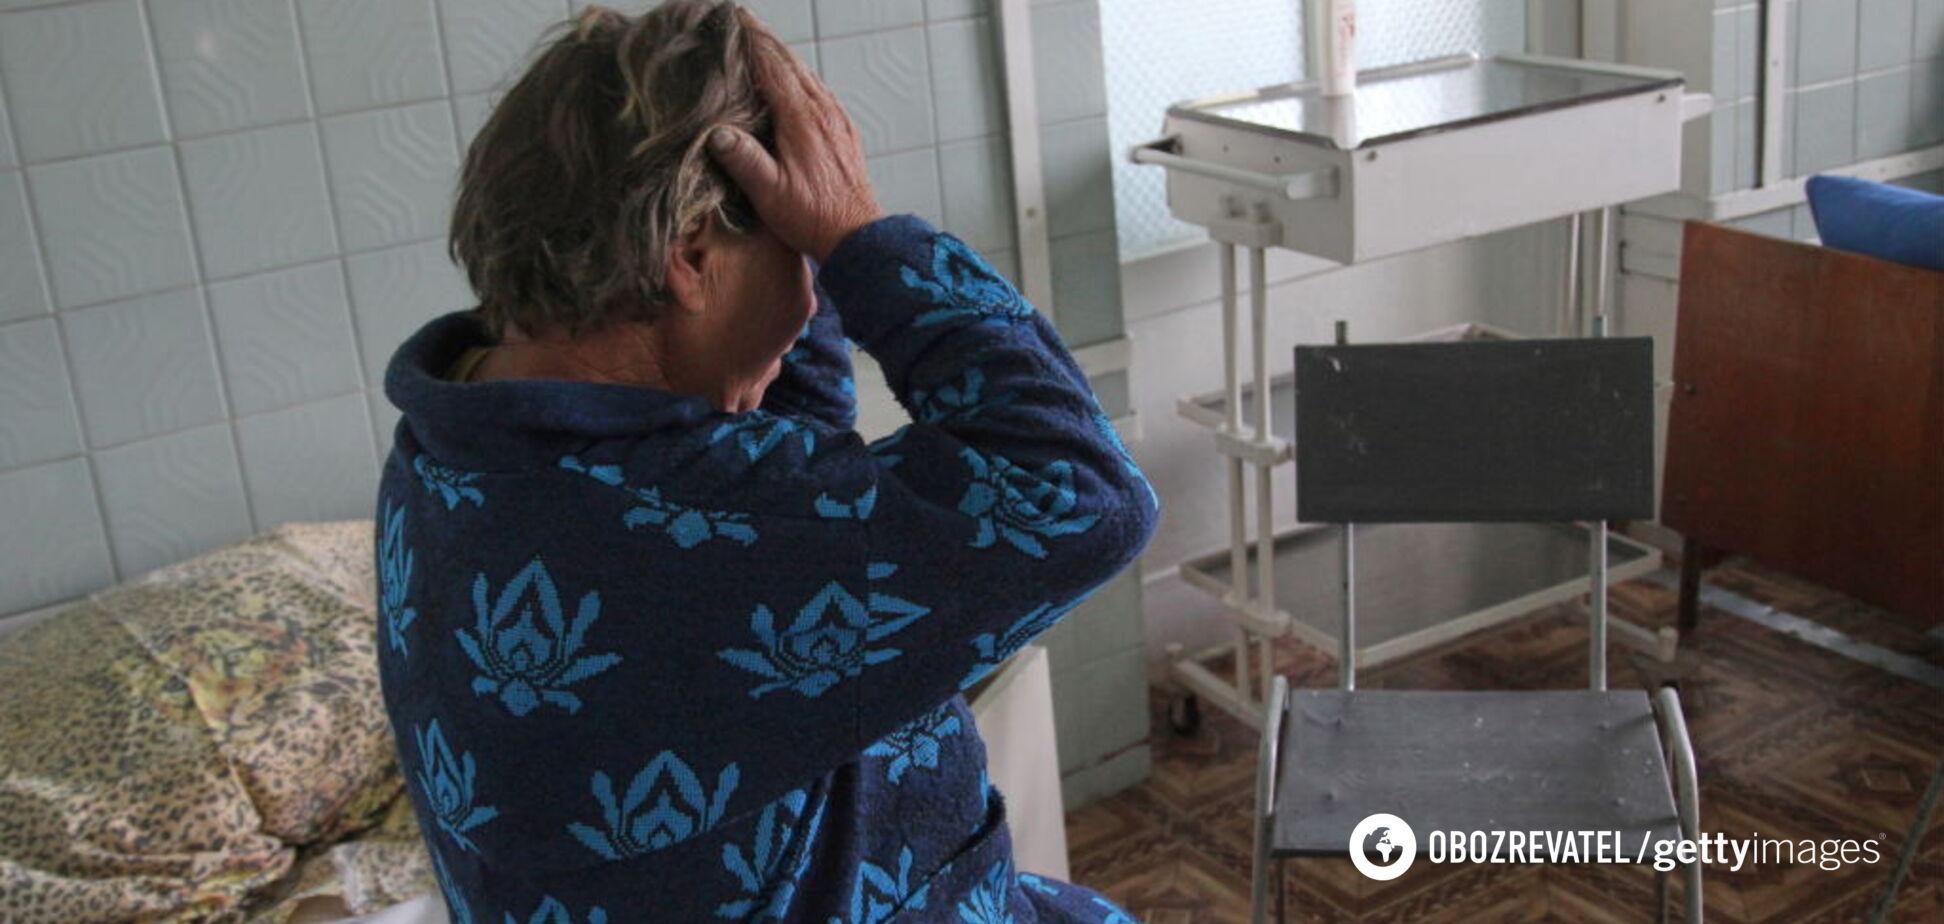 'Люди на последнем издыхании': в 'ЛНР' рассказали об издевательствах оккупантов